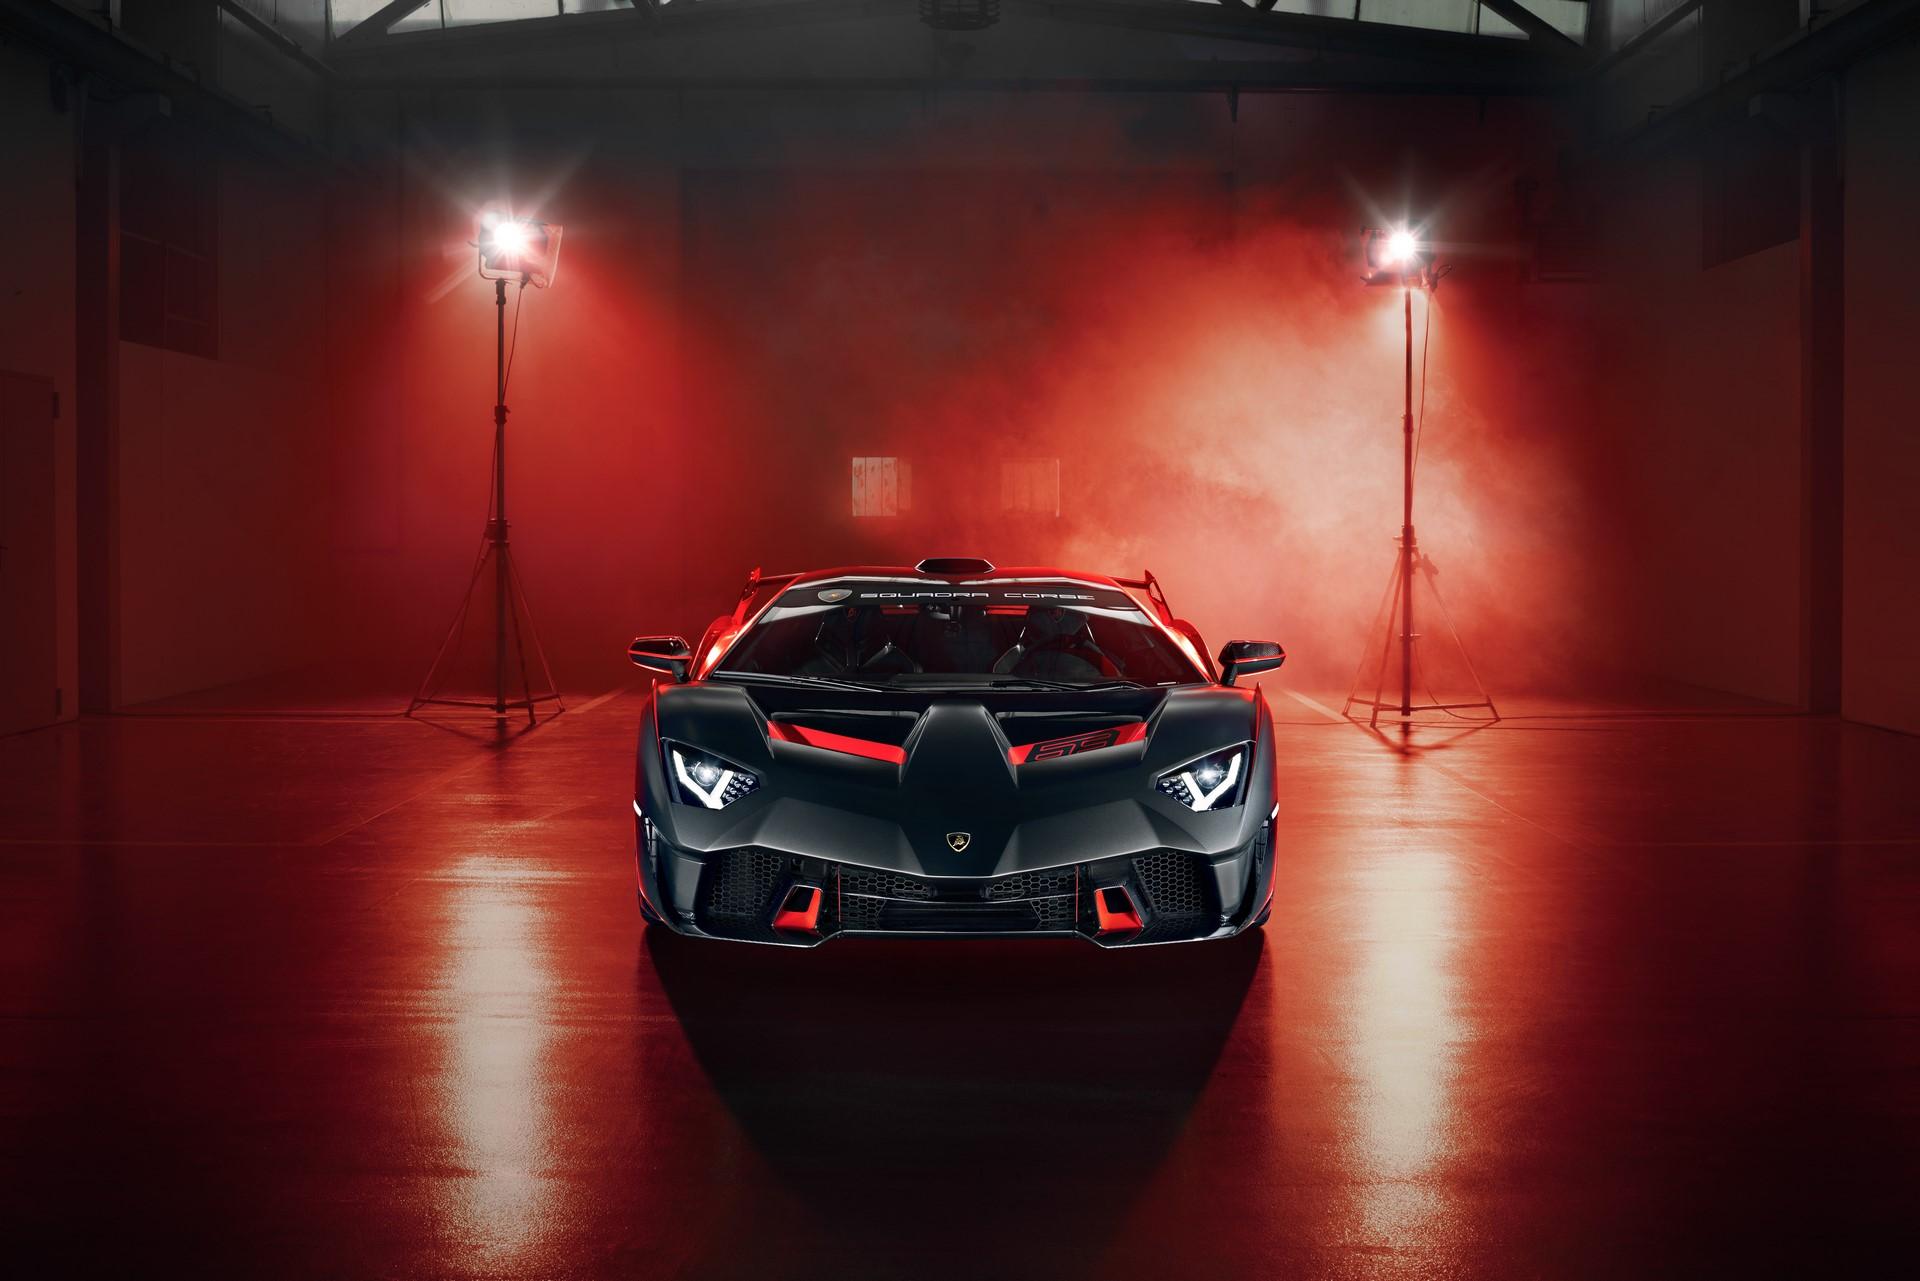 Lamborghini Sc18 Alston ώ One Off ί Squadra Corse Autoblog Gr